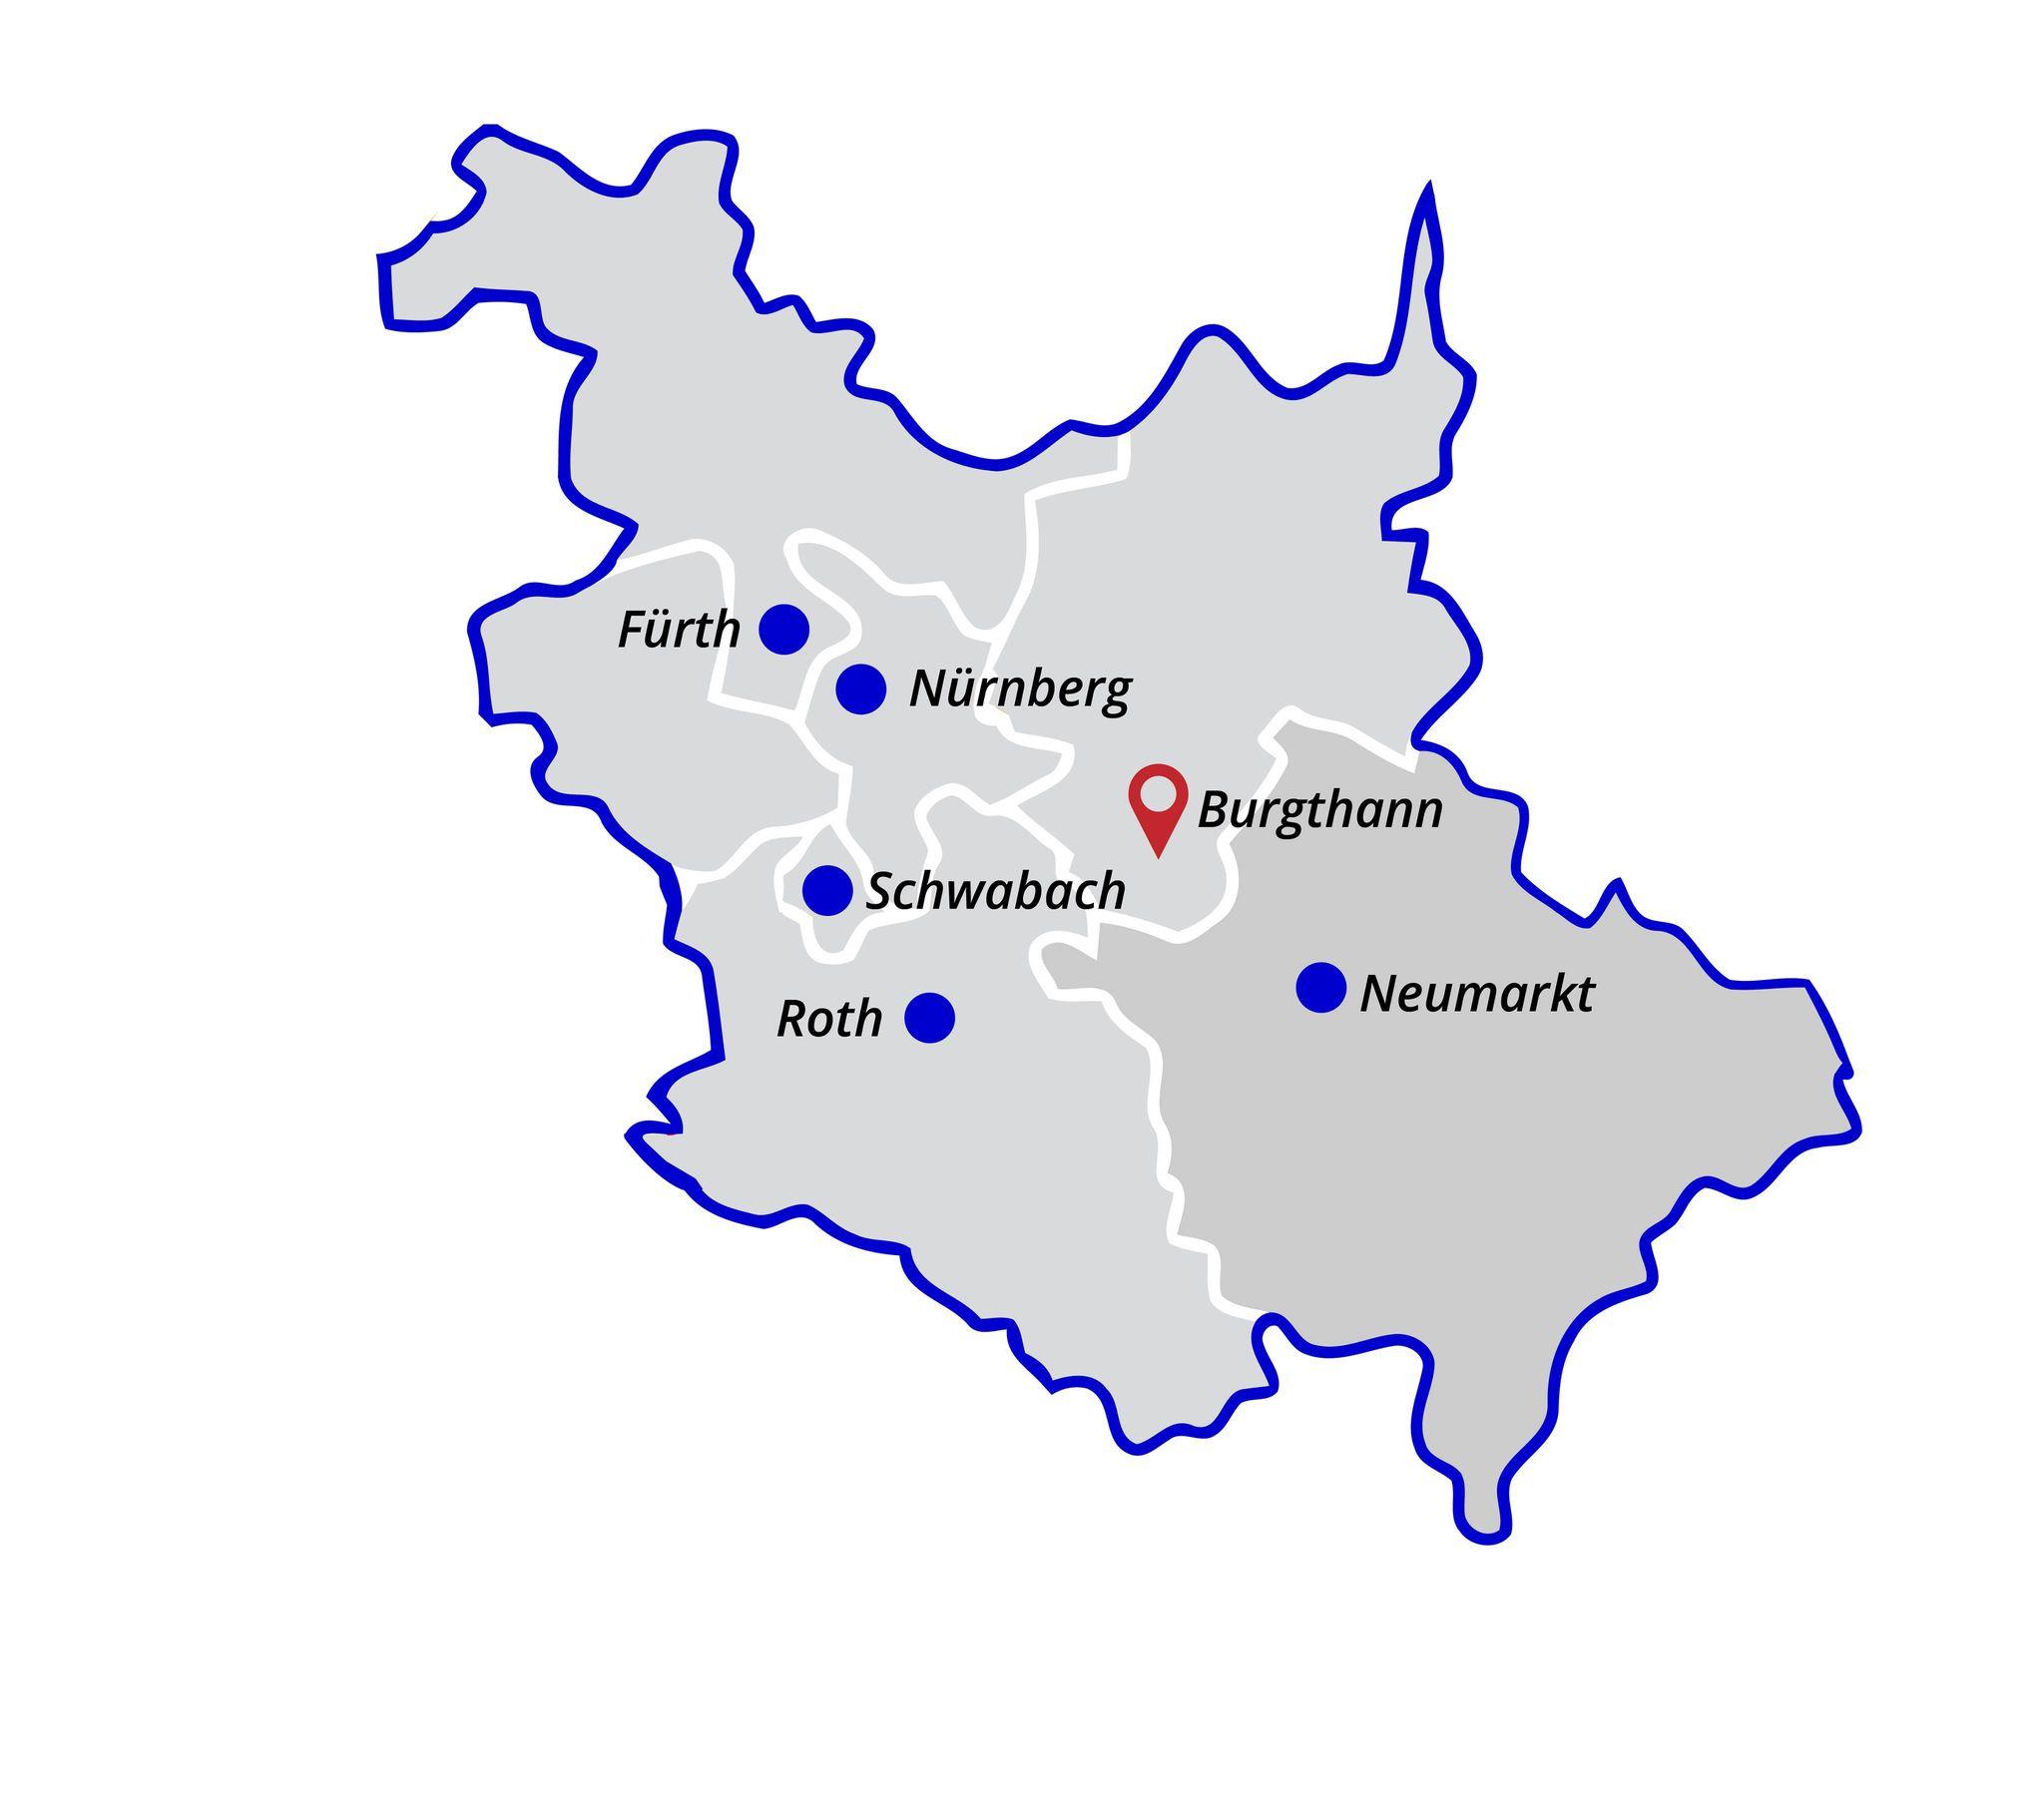 Hausverwaltung Burgthann, Neumarkt, Nürnberg, Fürth